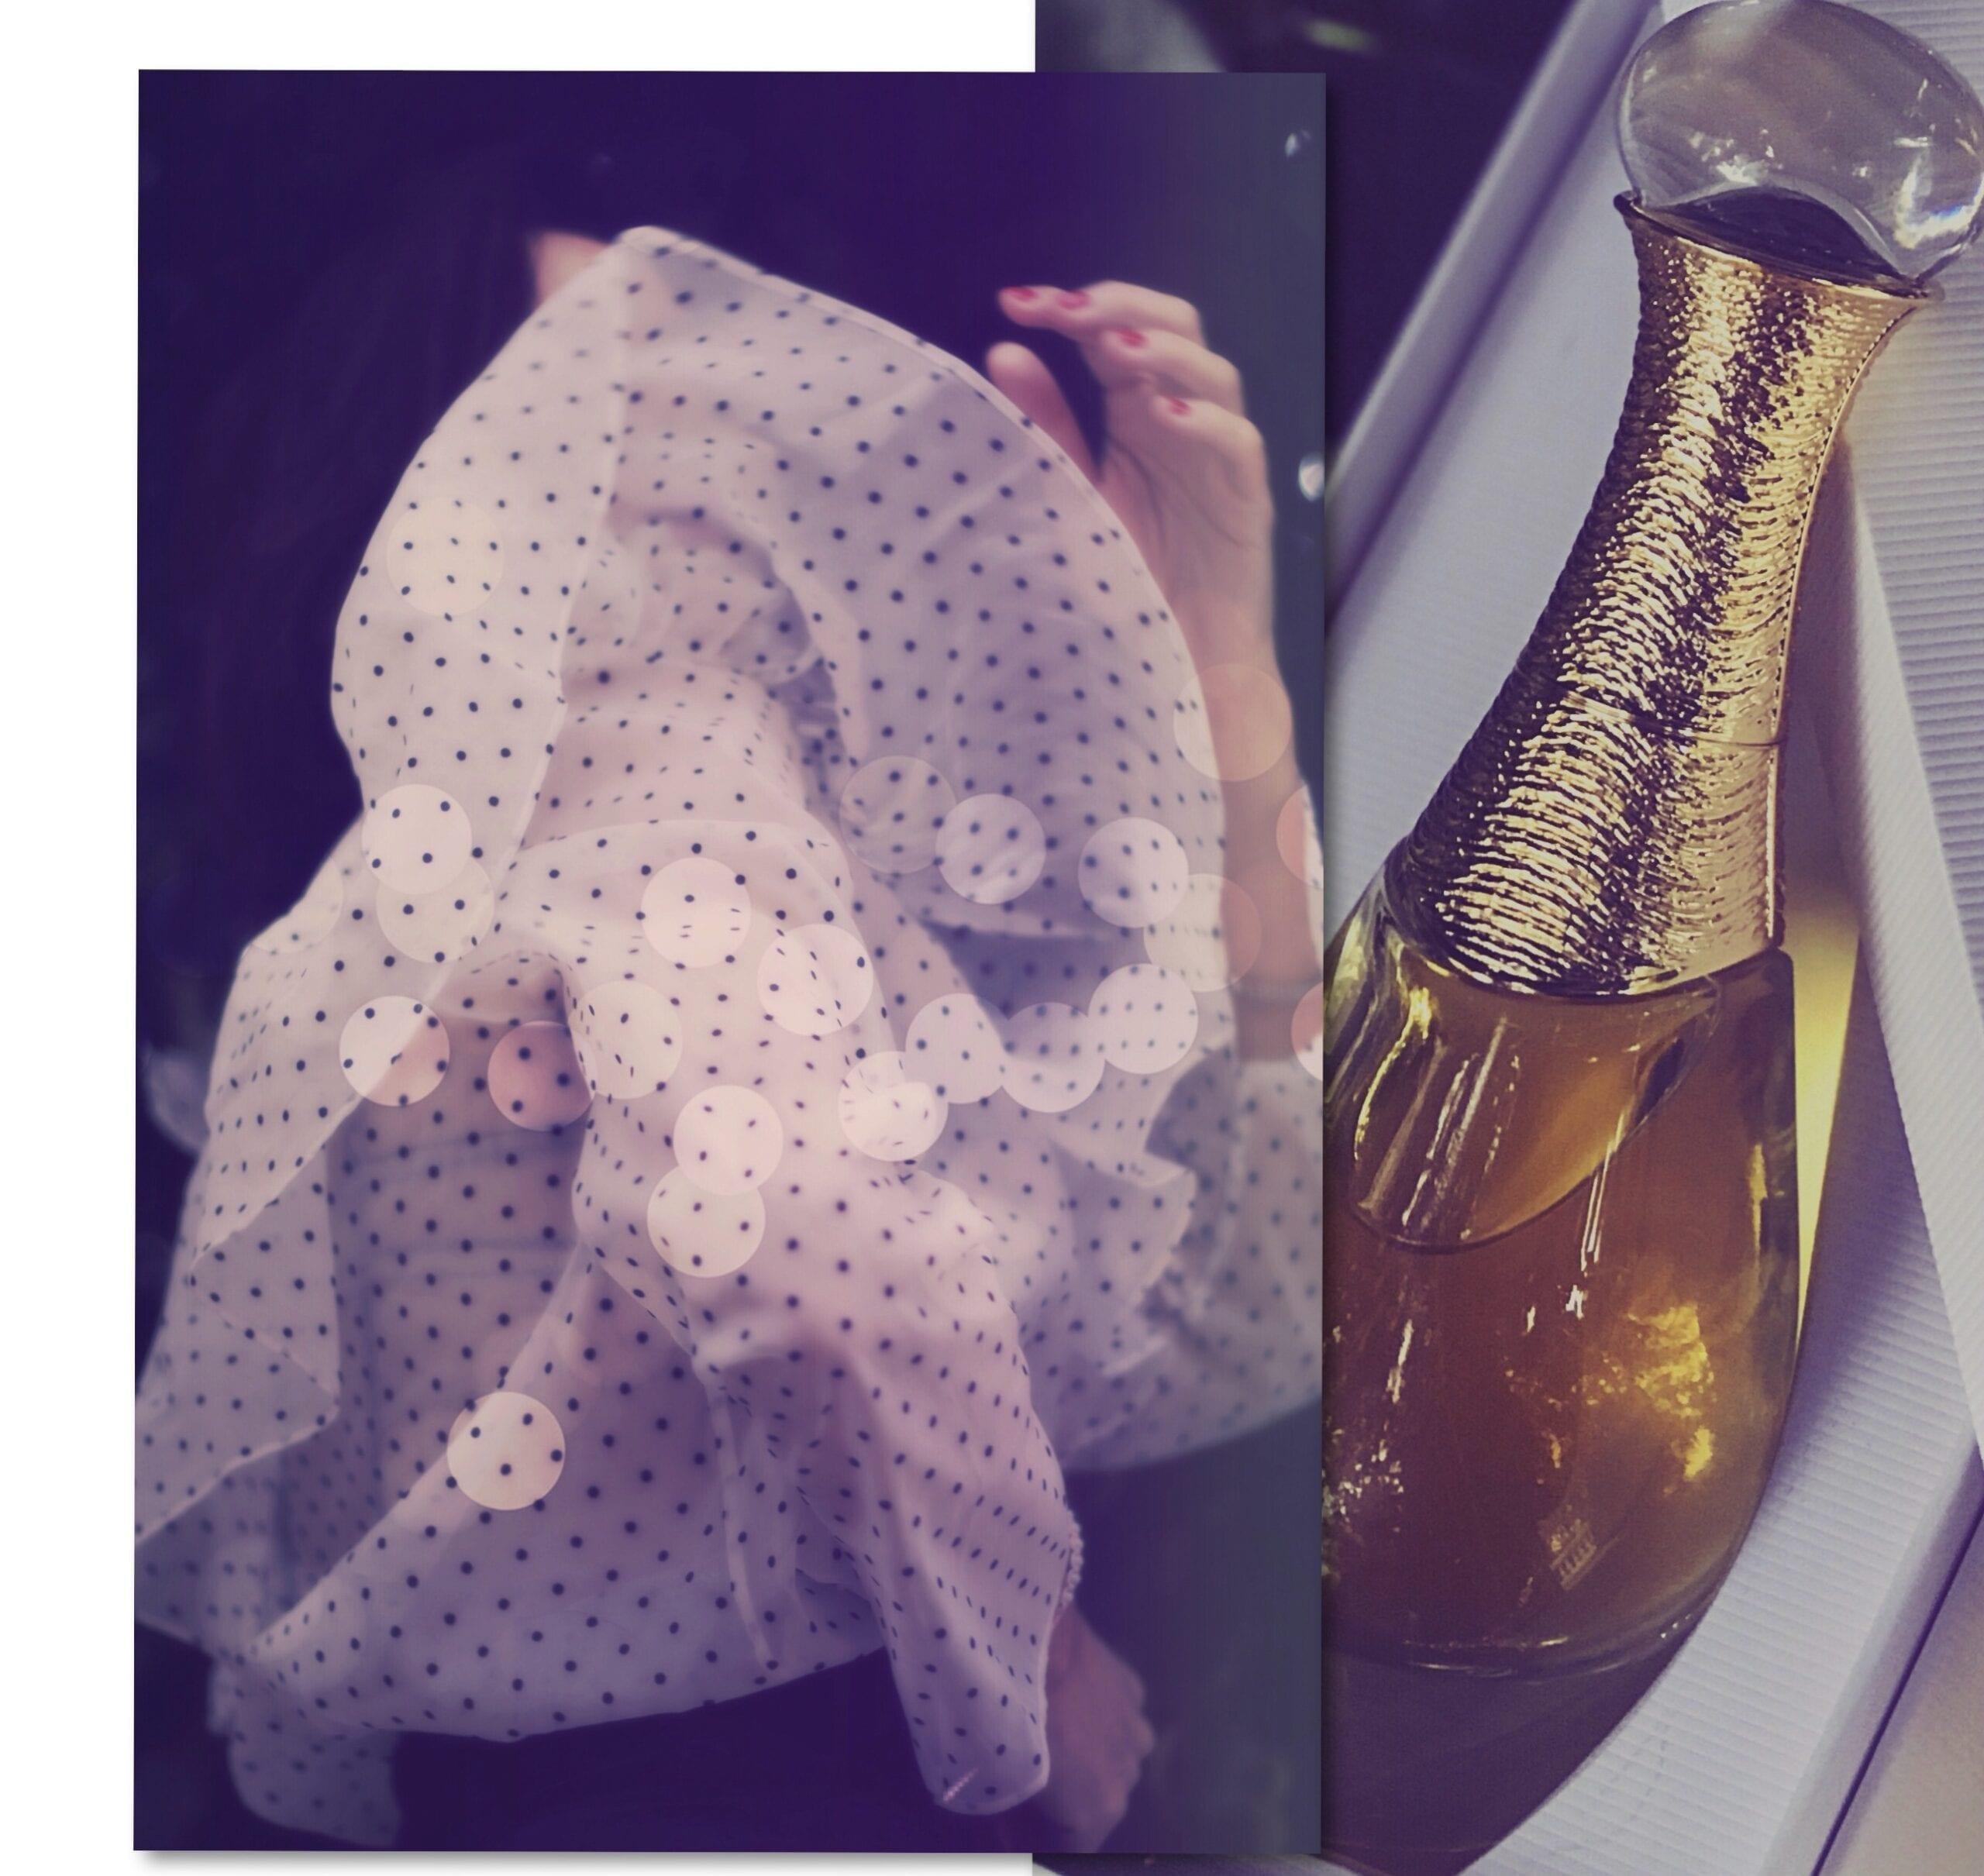 J'adore L'Or, che profumo comprare, cosa regalare natale 2017, dior profumi più buoni, profumi buonissimi donna 2017, elisa bellino, blogger moda italiane, blog moda, fashion blogger italiane 2017, blogger più seguite instagram